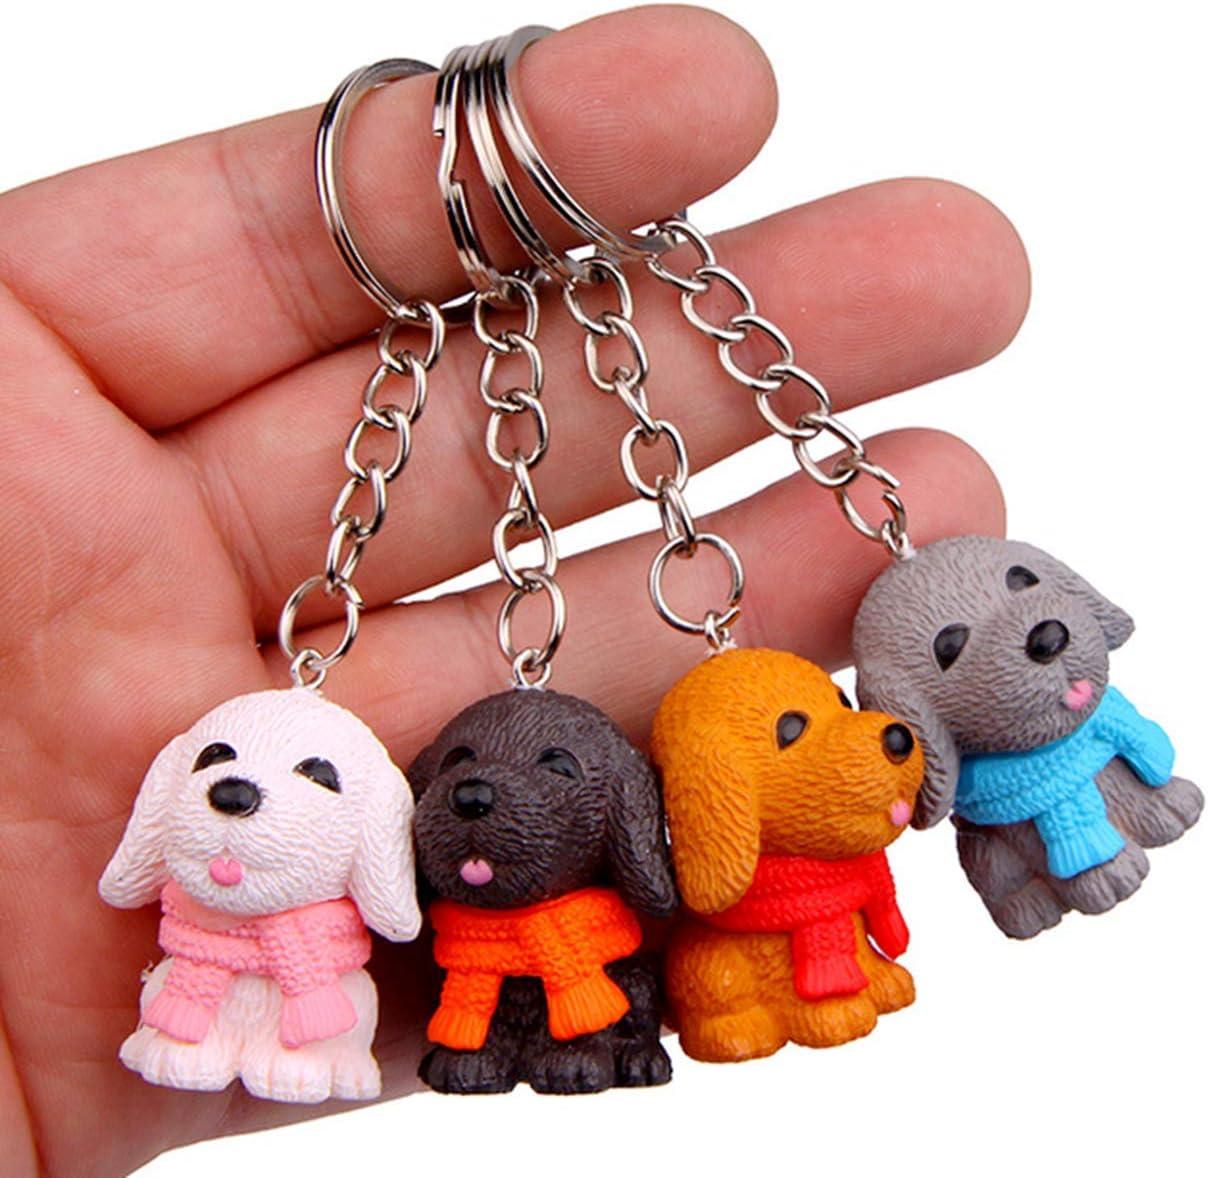 Cute Hot Dog Keyring Keychain Funny Gift Idea Key Ring Key Chain